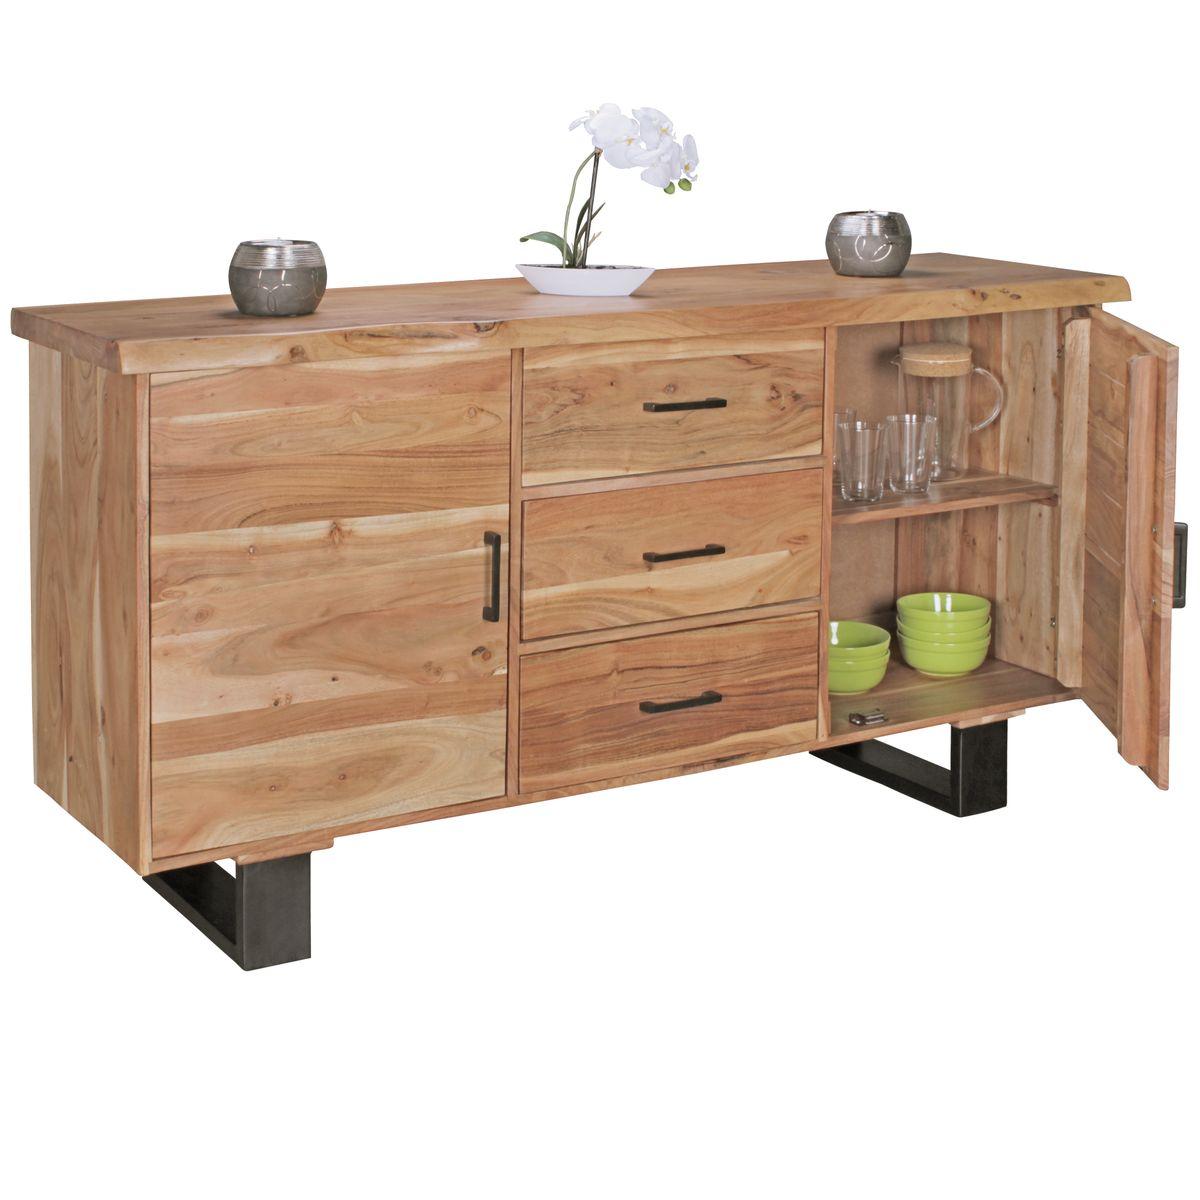 sideboard akazie 160 cm massivholz kommode schrank. Black Bedroom Furniture Sets. Home Design Ideas